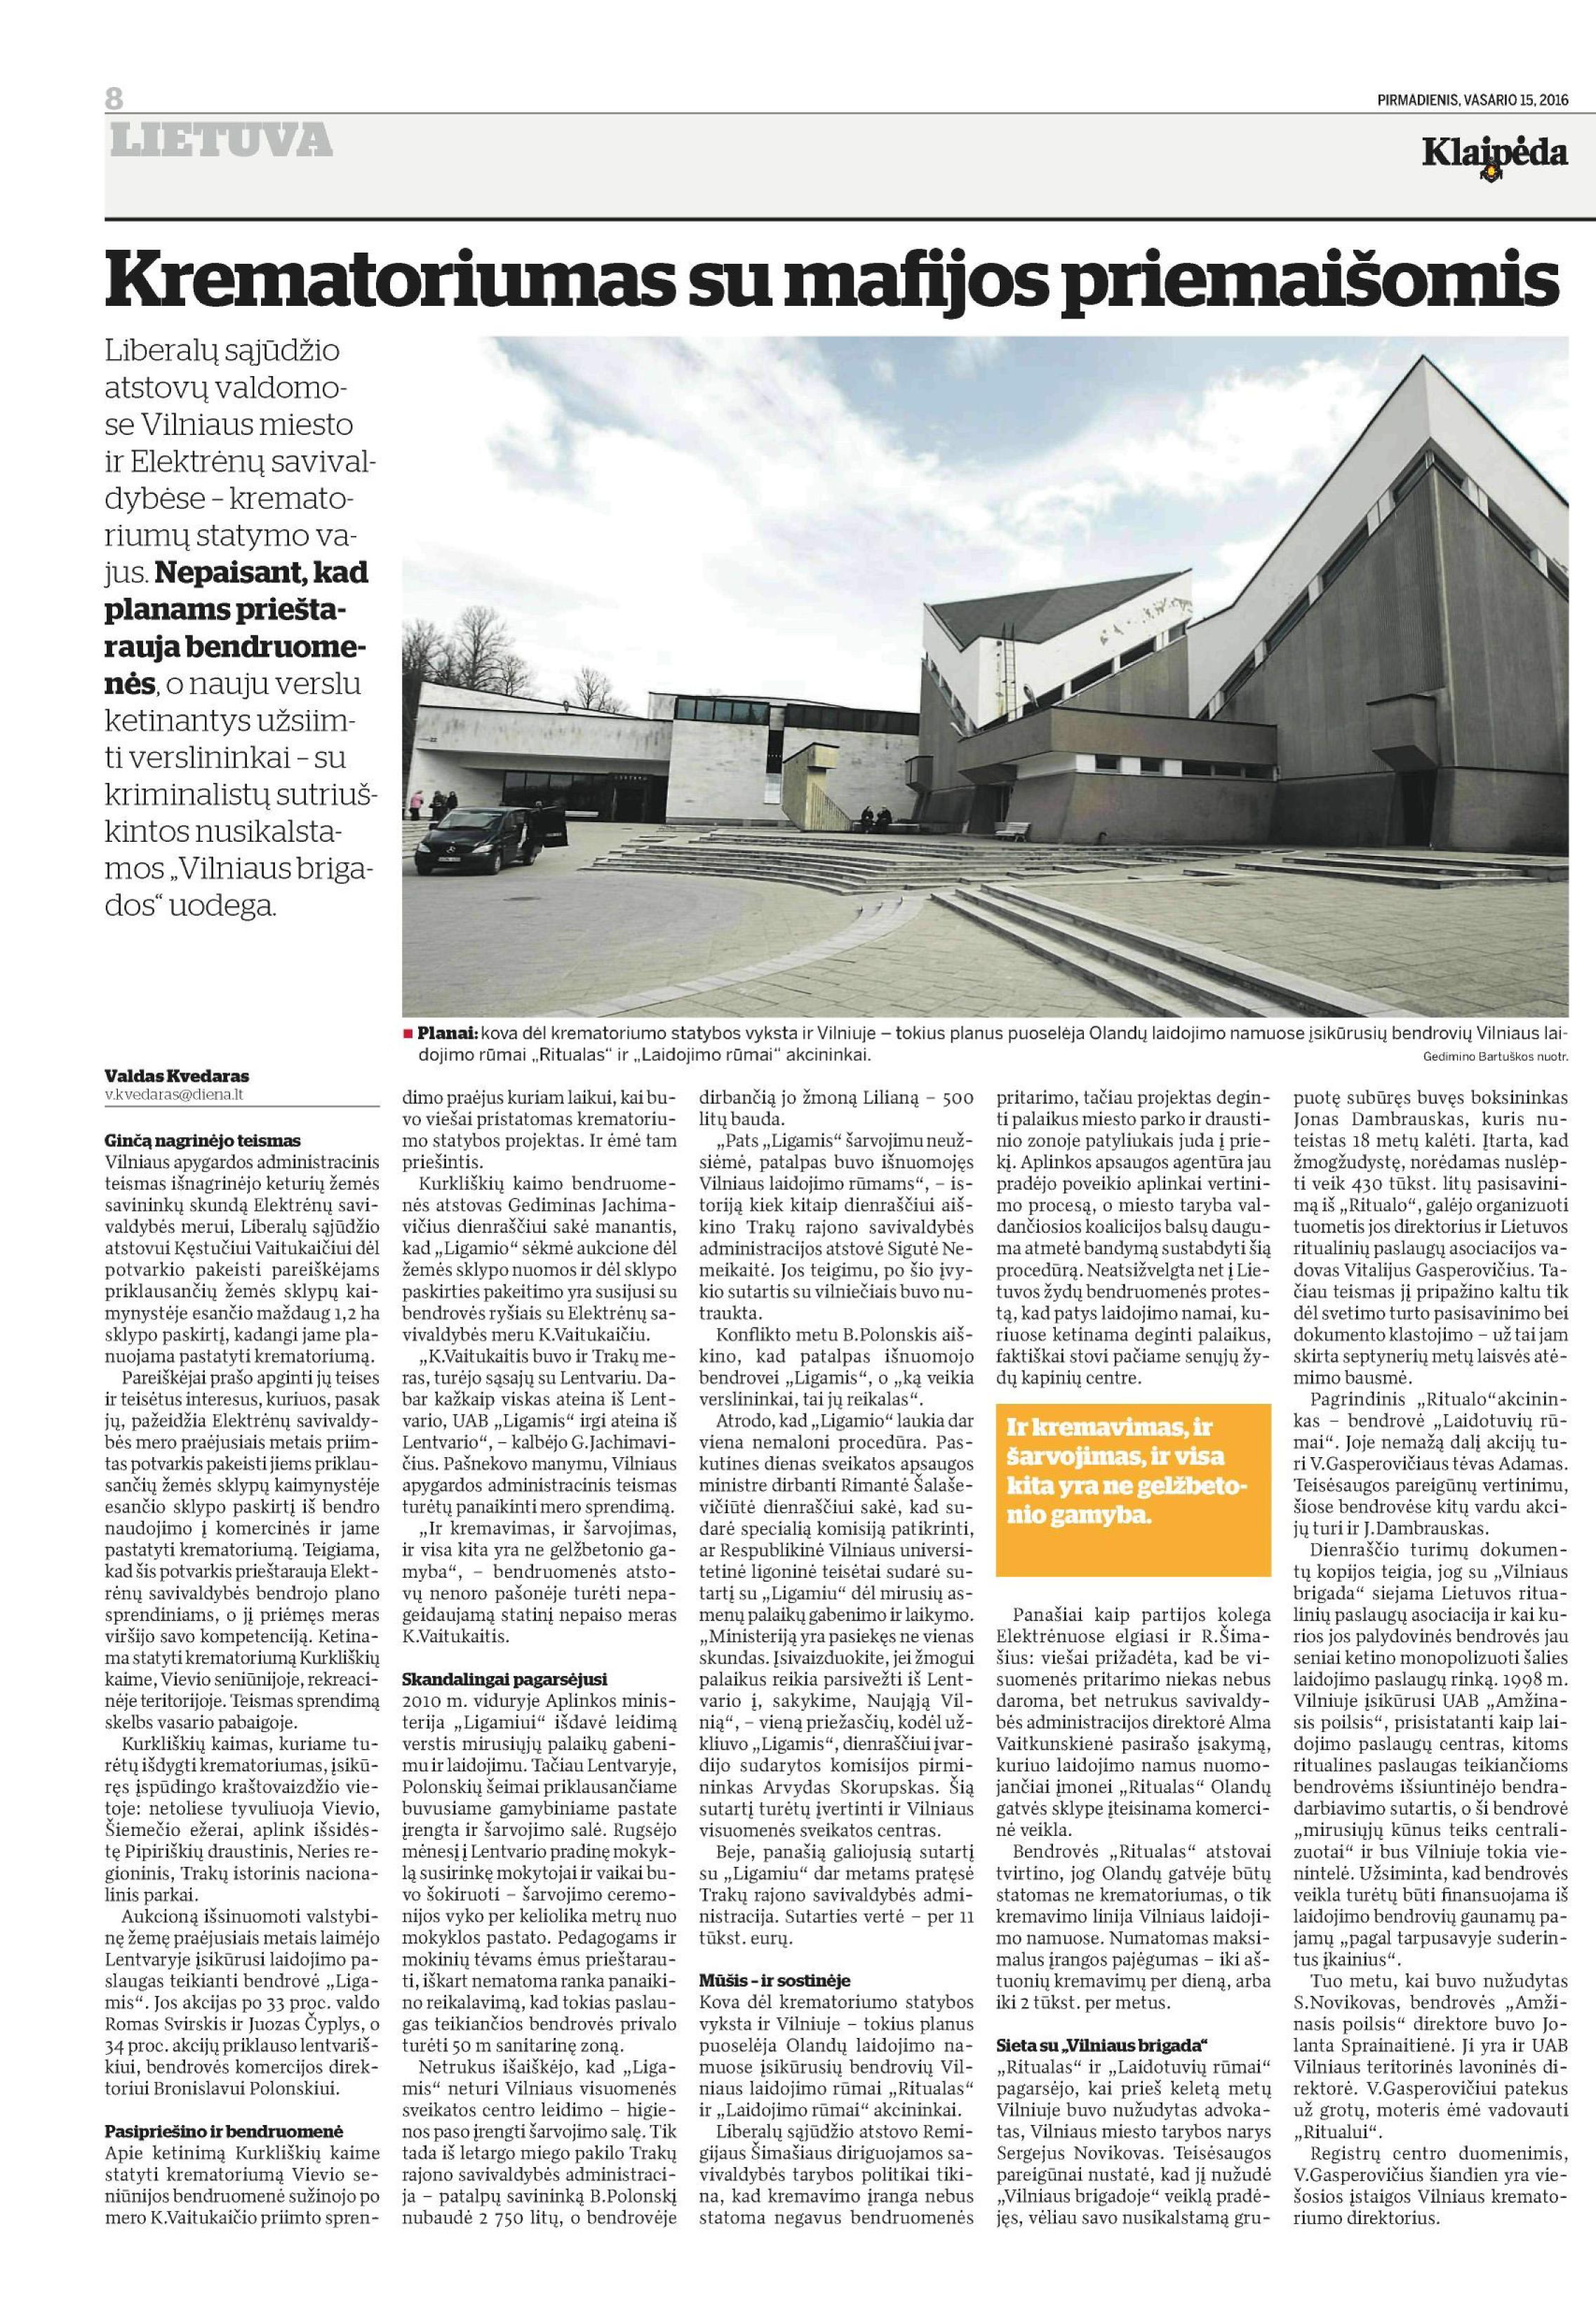 Apie krematoriumą Klaipėdos spauda